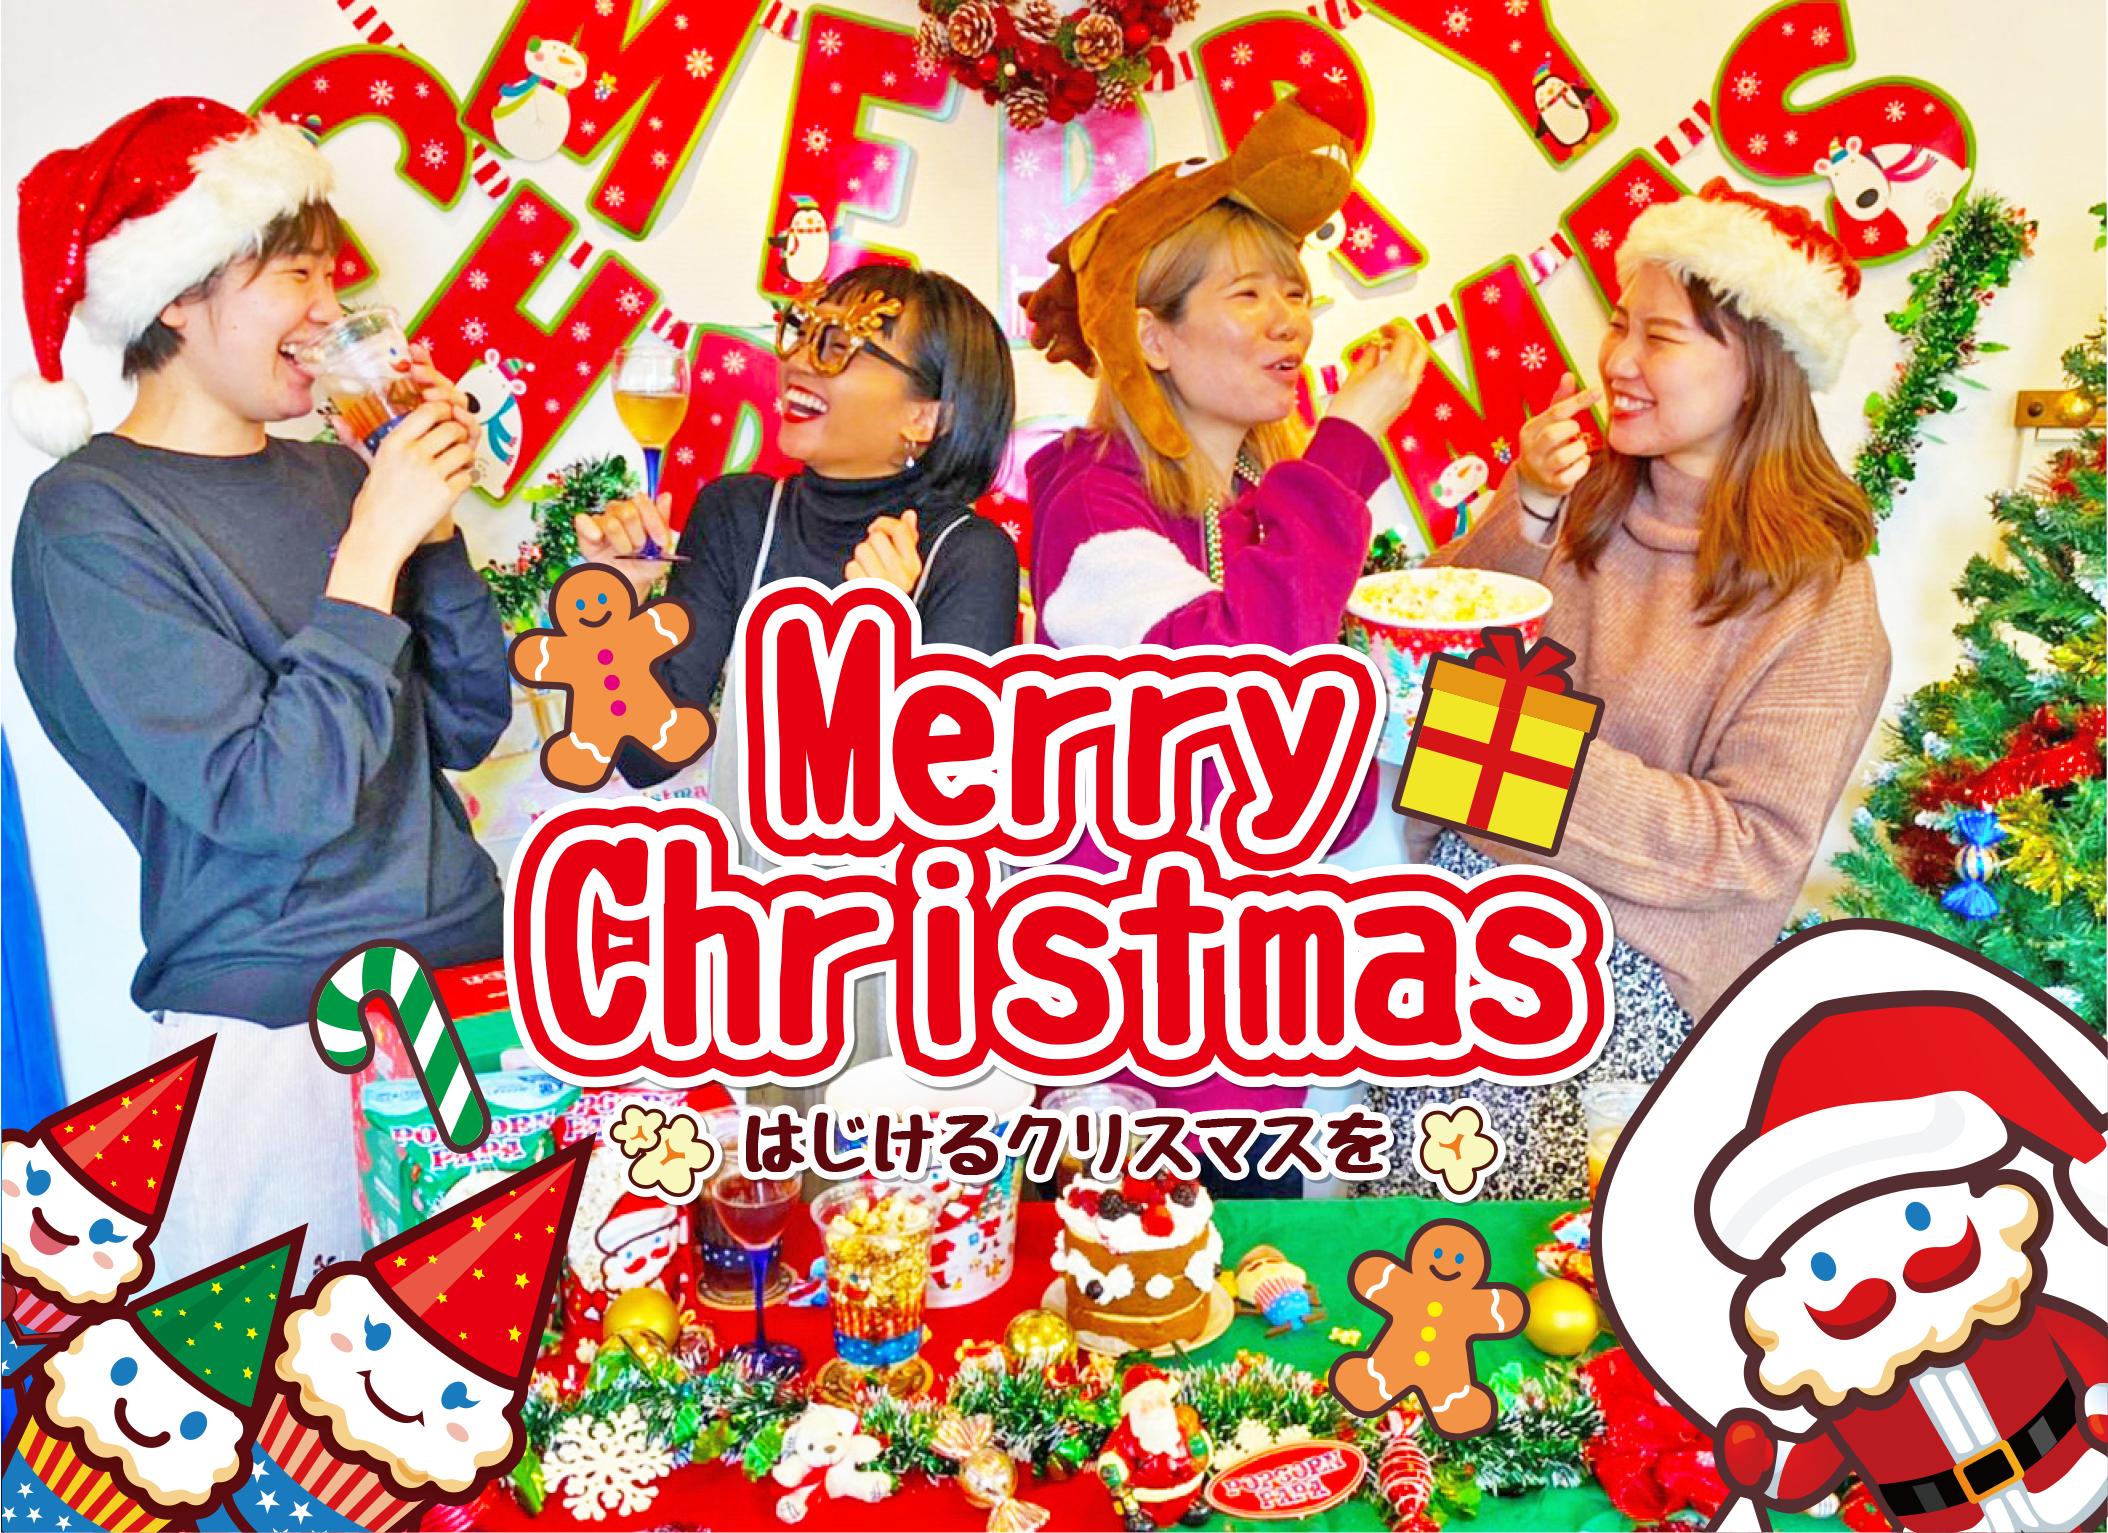 【はじけるクリスマスを!】ポップコーンパパ クリスマス2020